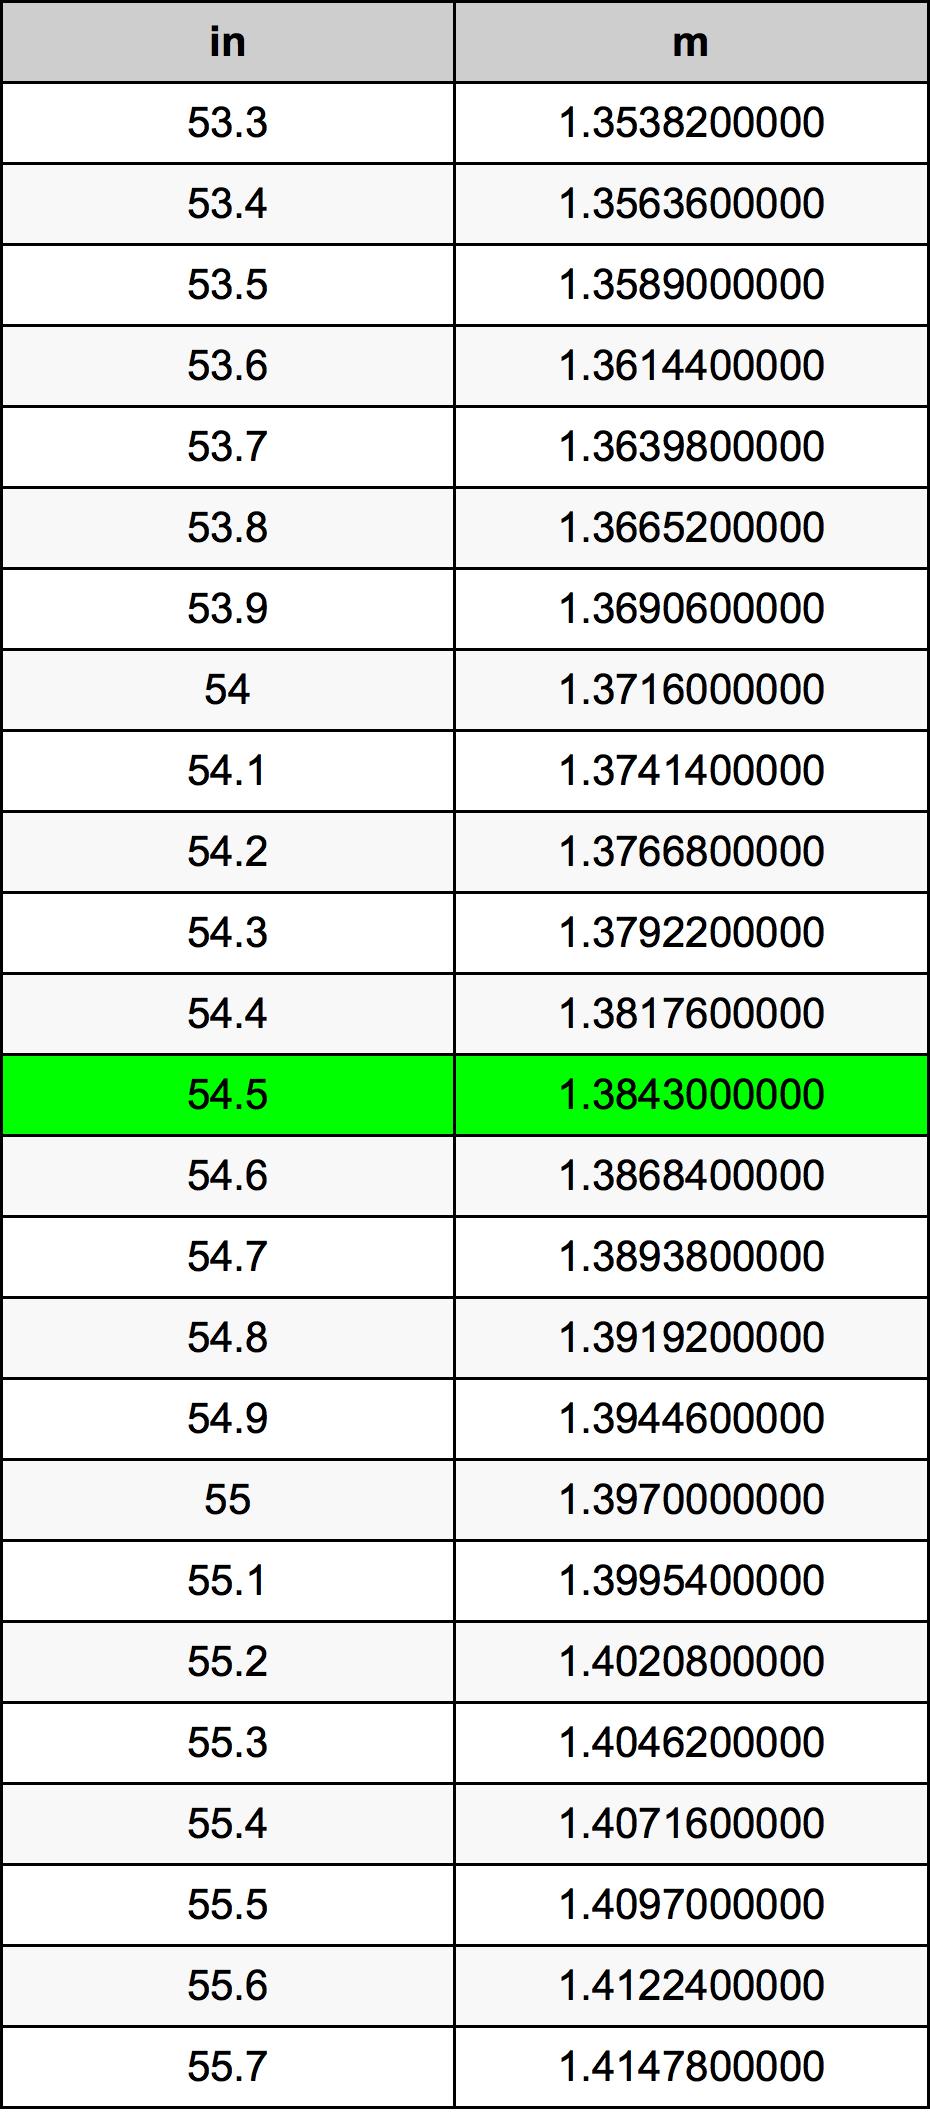 54.5 인치 변환 표